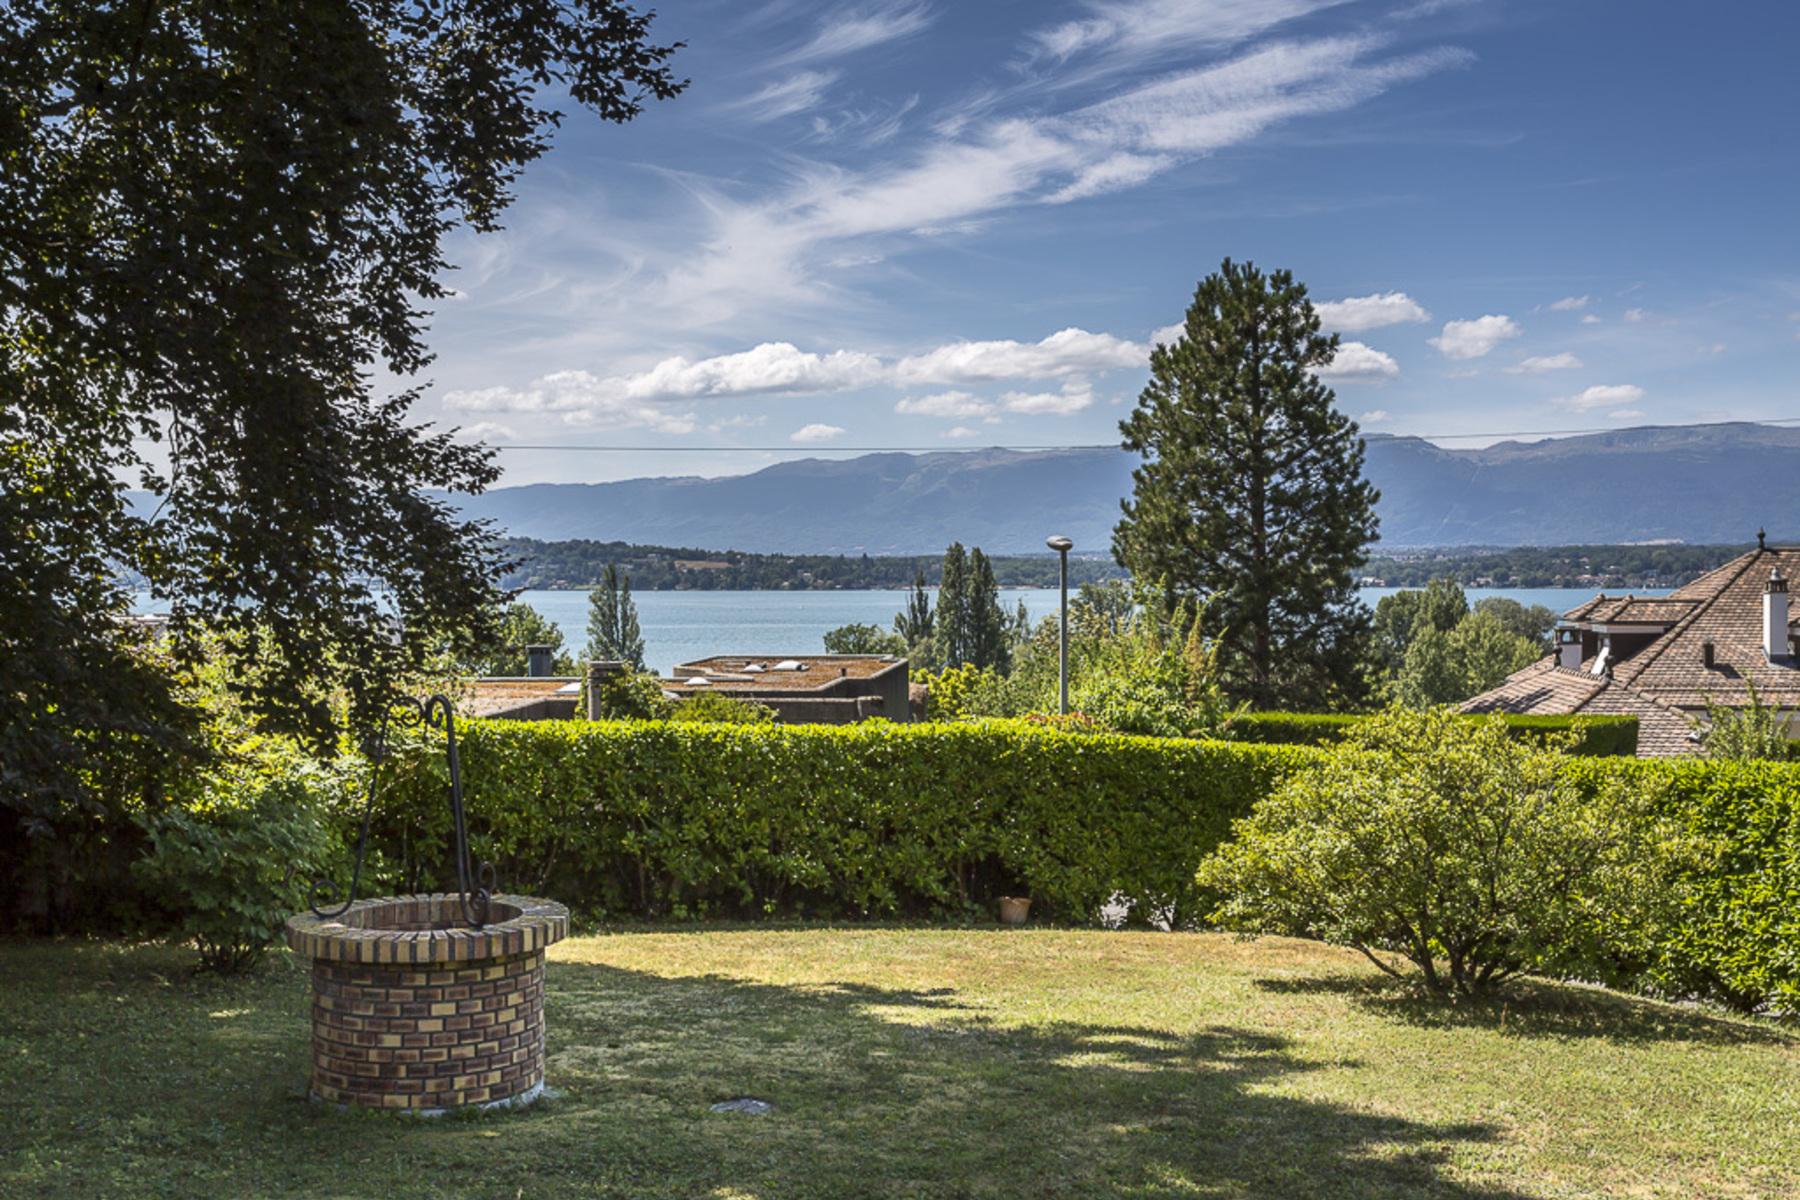 Single Family Homes pour l Vente à Contemporary property with lake view Collonge-Bellerive Collonge-Bellerive, Genève 1245 Suisse